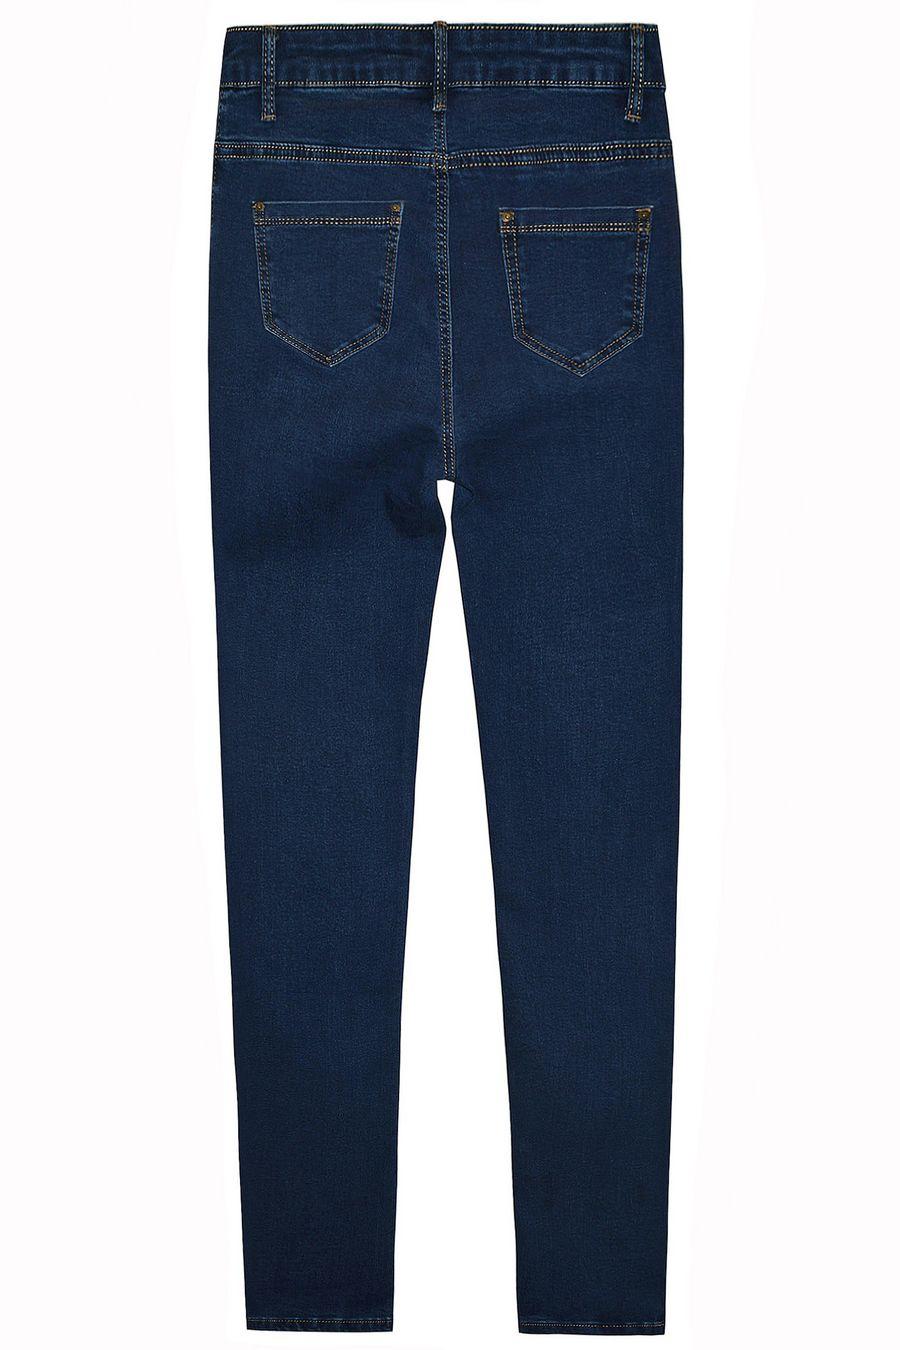 Джинсы женские K.Y Jeans 1250 - фото 2